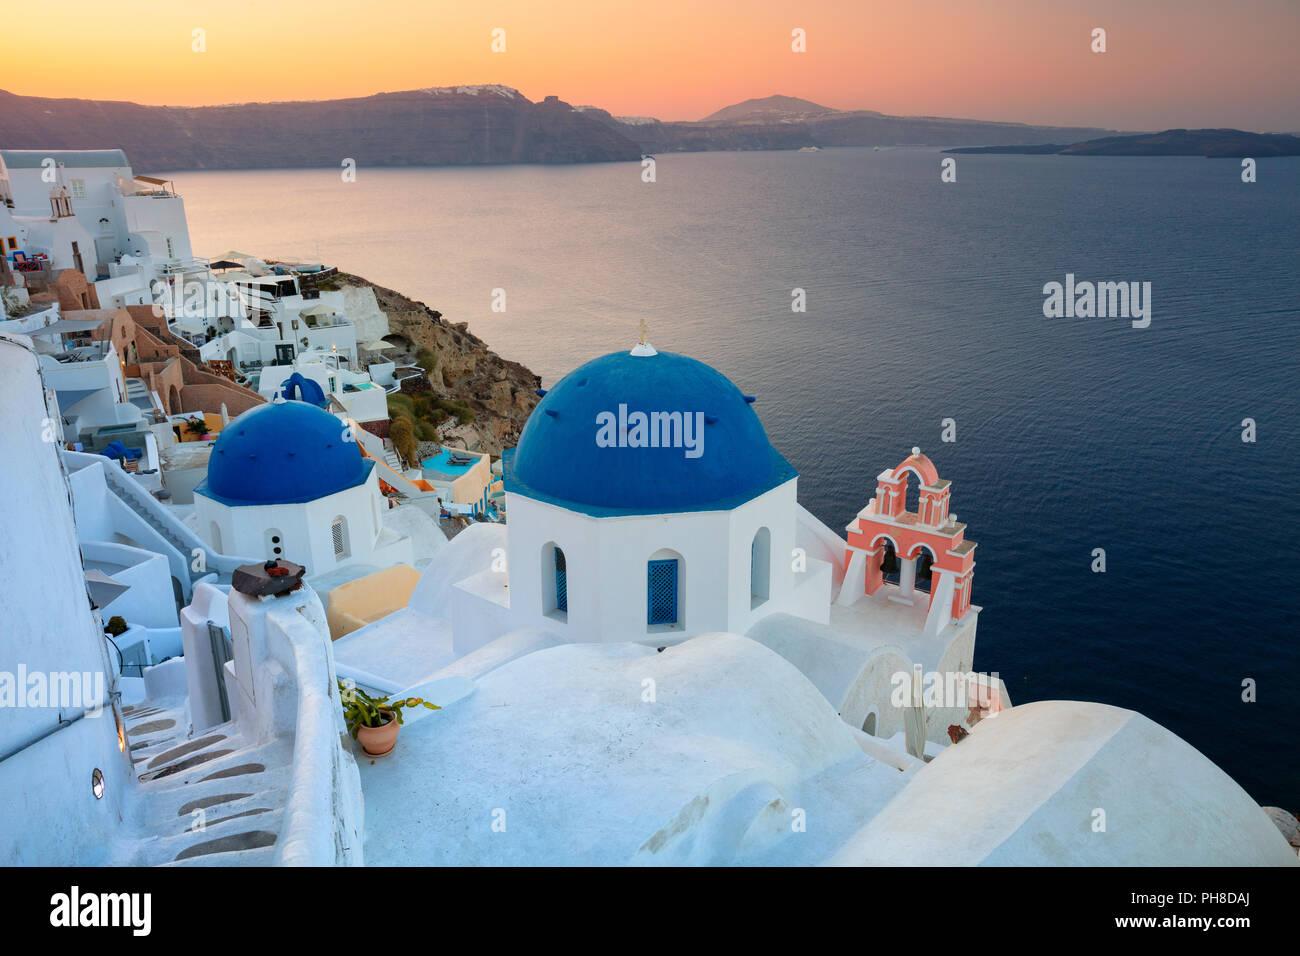 Oia, Santorini. Imagen del famoso pueblo de Oia, situado en una de las Cyclades isla de Santorini, en el sur del Mar Egeo, en Grecia. Foto de stock